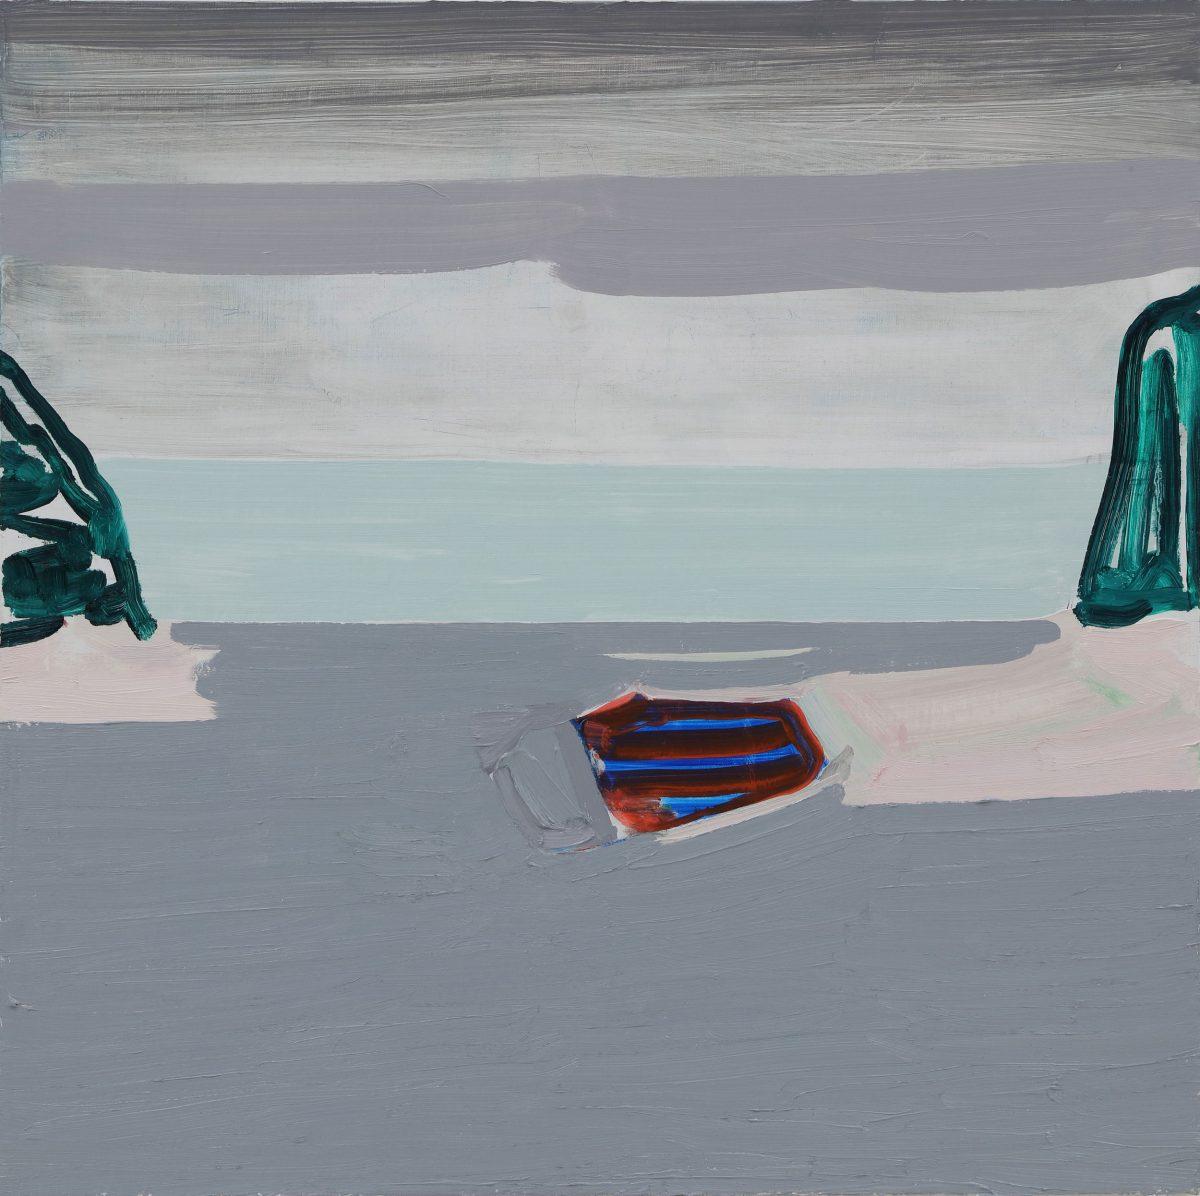 陸海空<br /> 2019  キャンバスに油彩<br /> 72,7×72,7cm  <br /> ©O JUN, Courtesy of Mizuma Art Gallery<br /> 撮影:宮島径